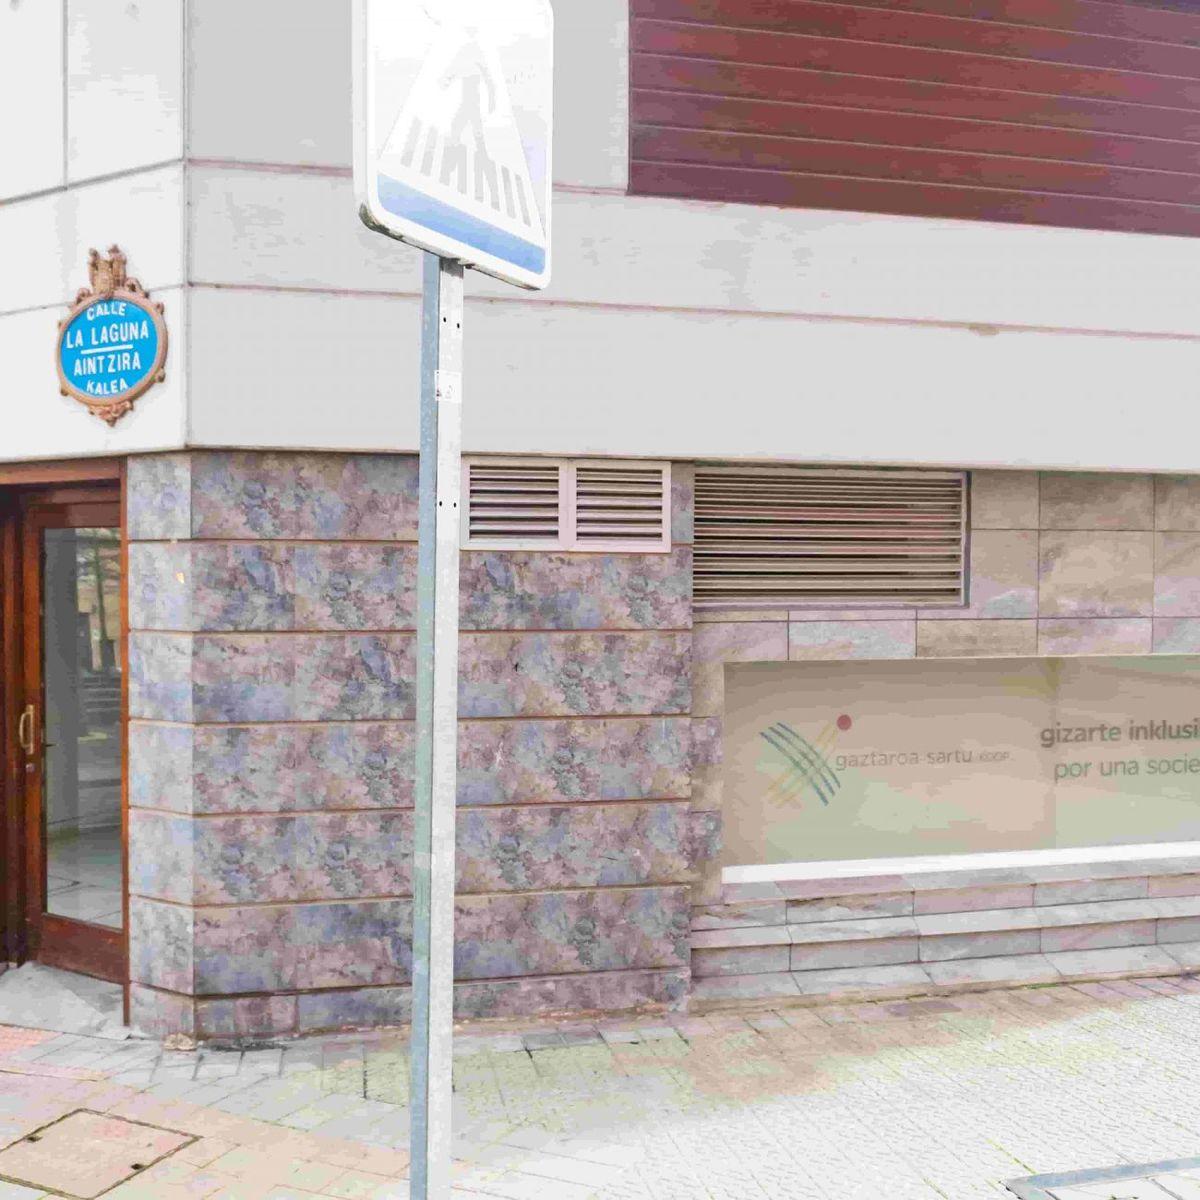 Sokaire servicios de limpieza en Bilbao la Vieja